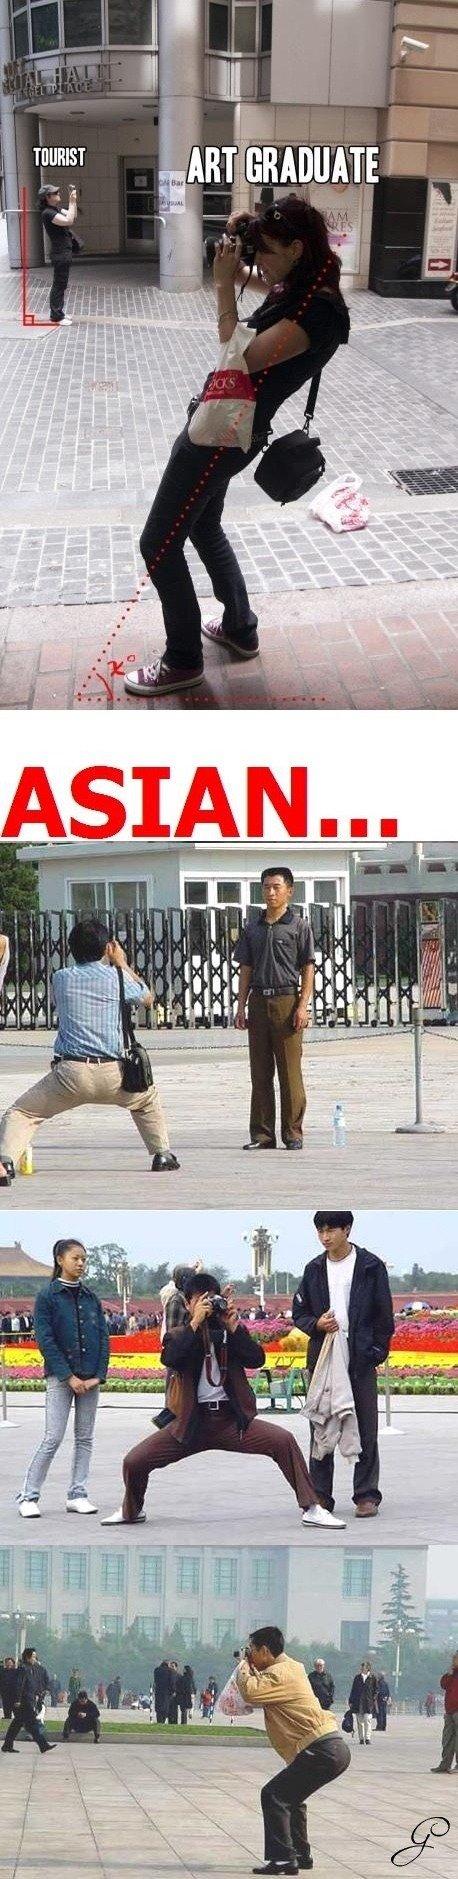 asians... .